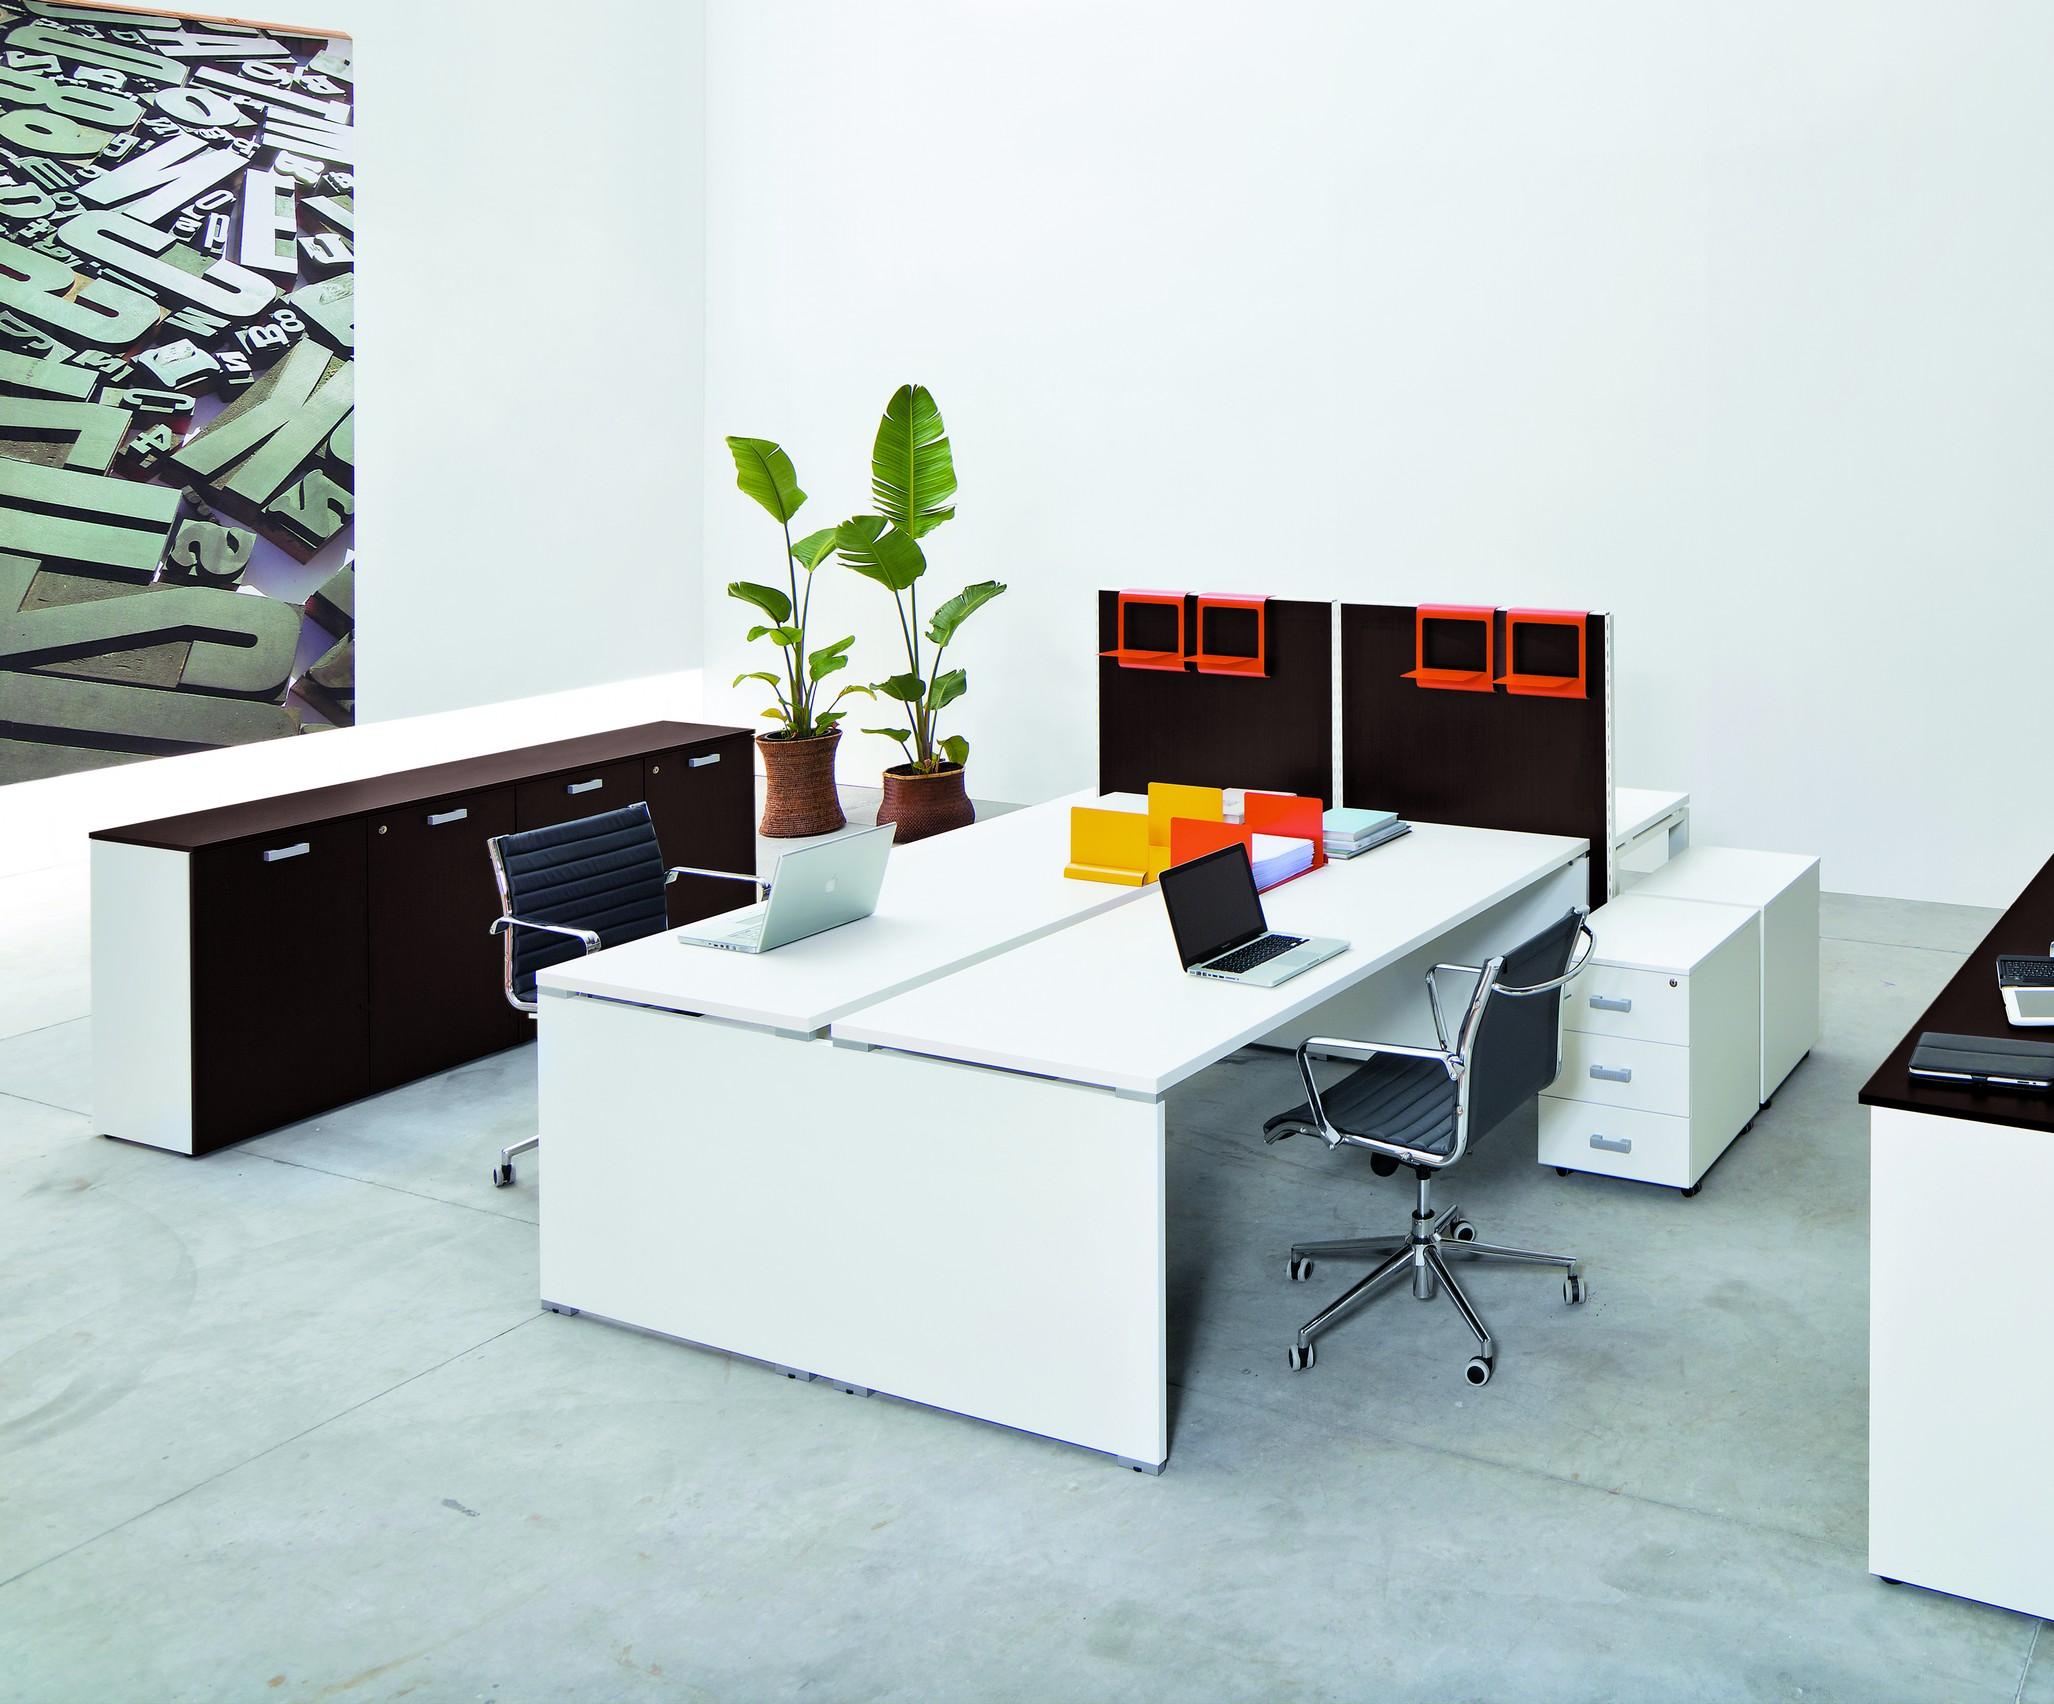 Biwo tu nueva oficina oficinas y despachos serie eidos for Evo horario oficinas